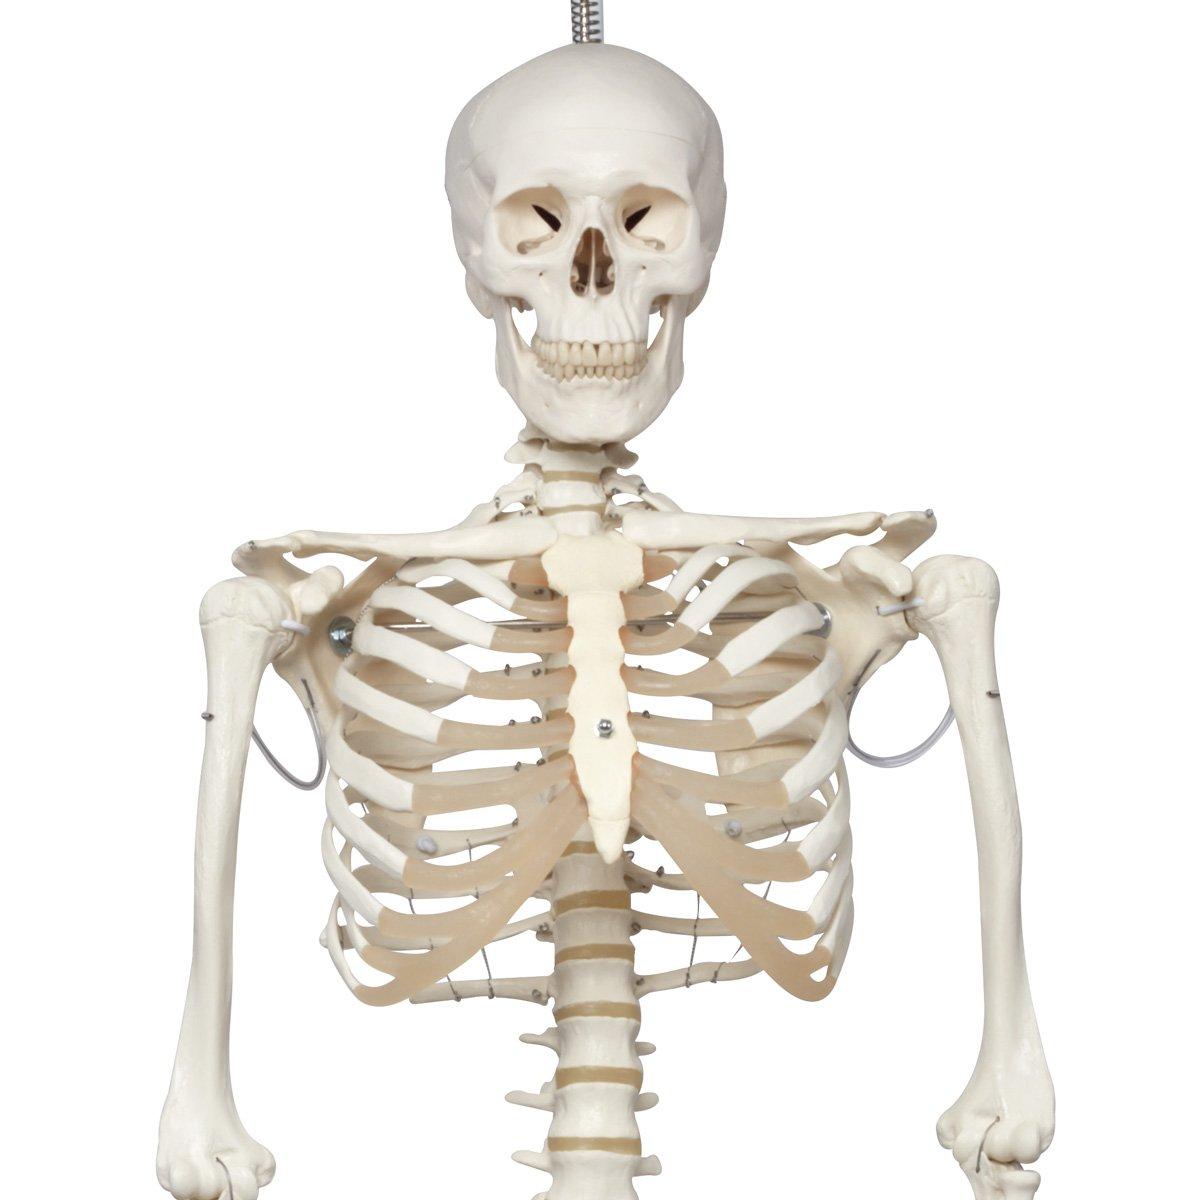 【税込?送料無料】 フィル理学療法用骨格モデル,吊り下げ型スタンド仕様 B006YWZY68 B006YWZY68, 日学オンラインストア:fb2b9faa --- a0267596.xsph.ru